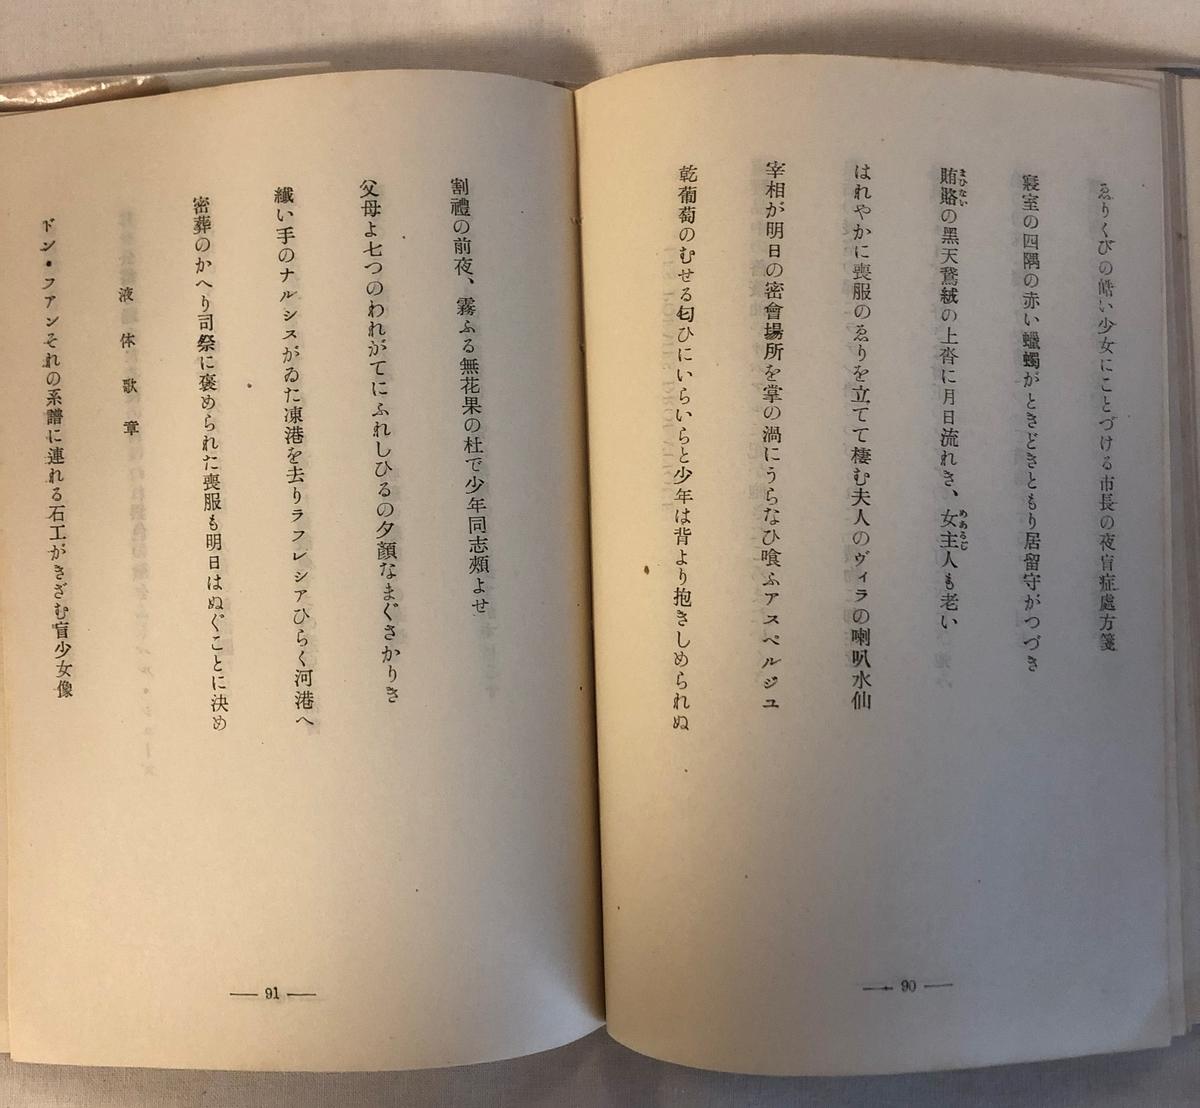 f:id:yomoyamayomoyama:20190417180117j:plain